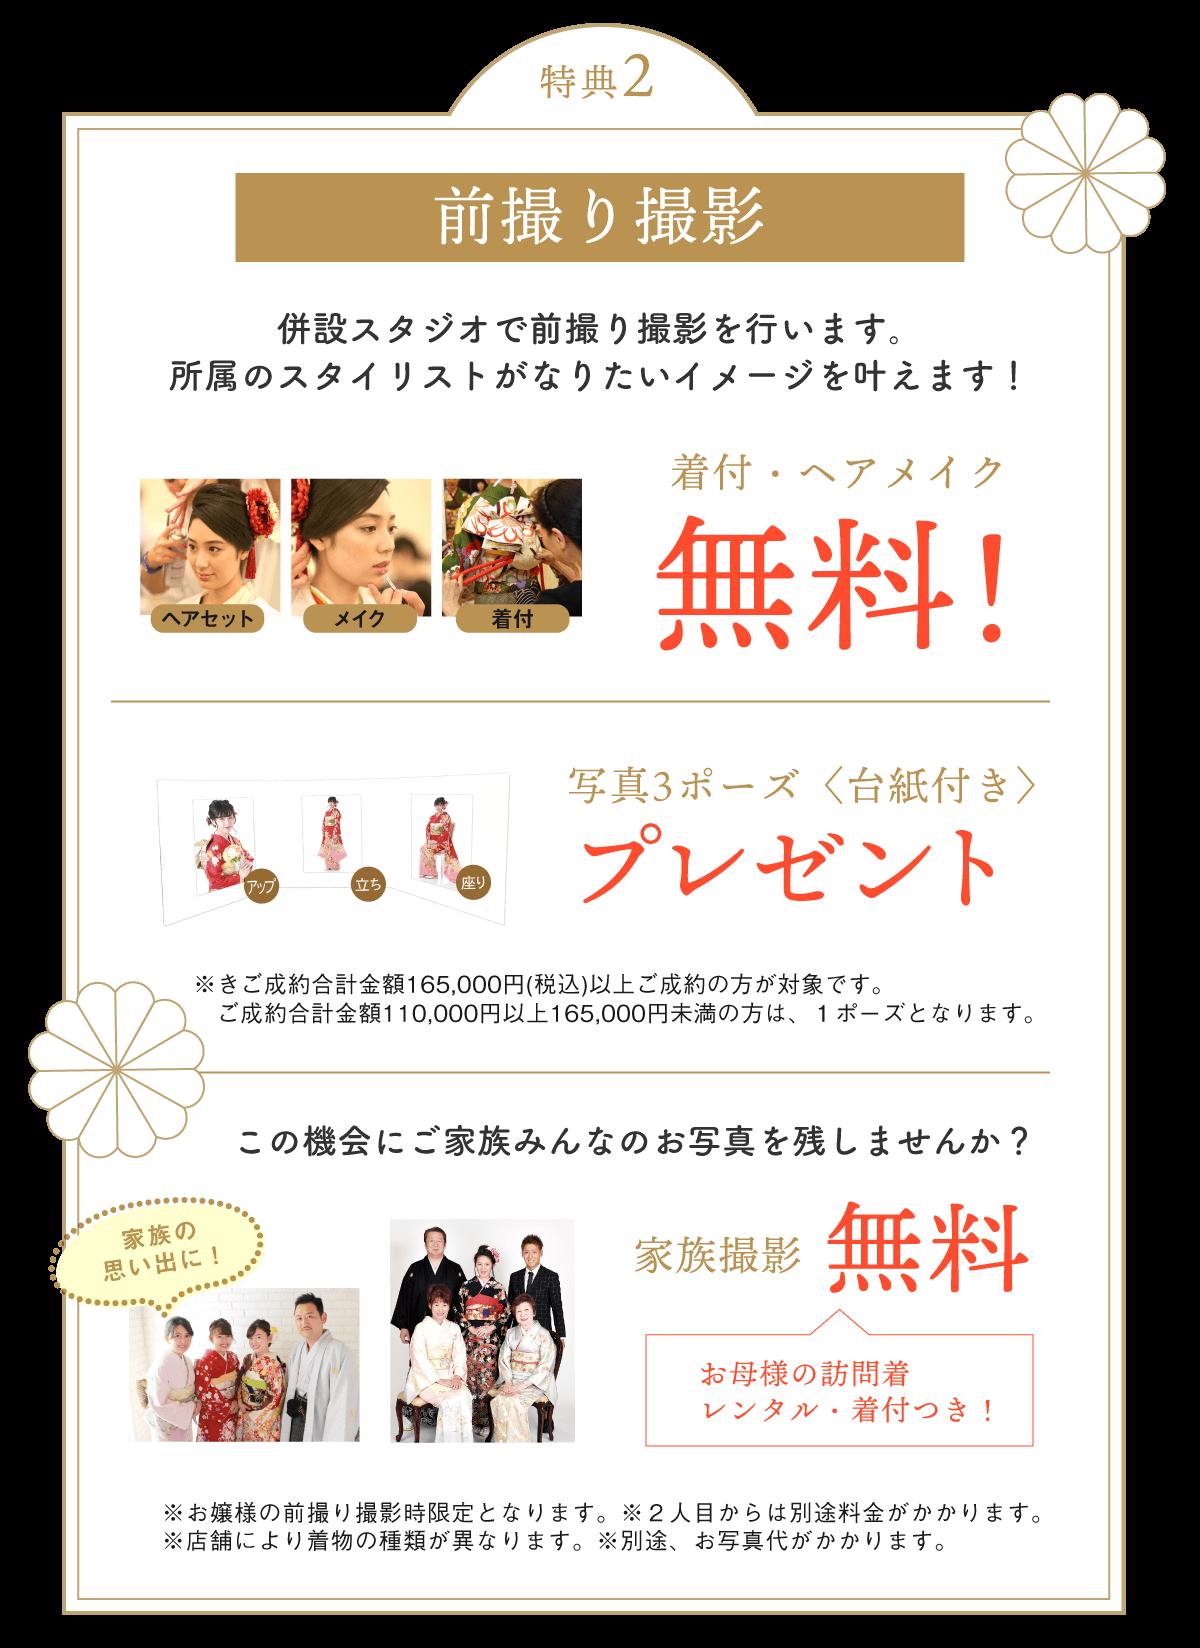 7螟ァ迚ケ蜈ク3